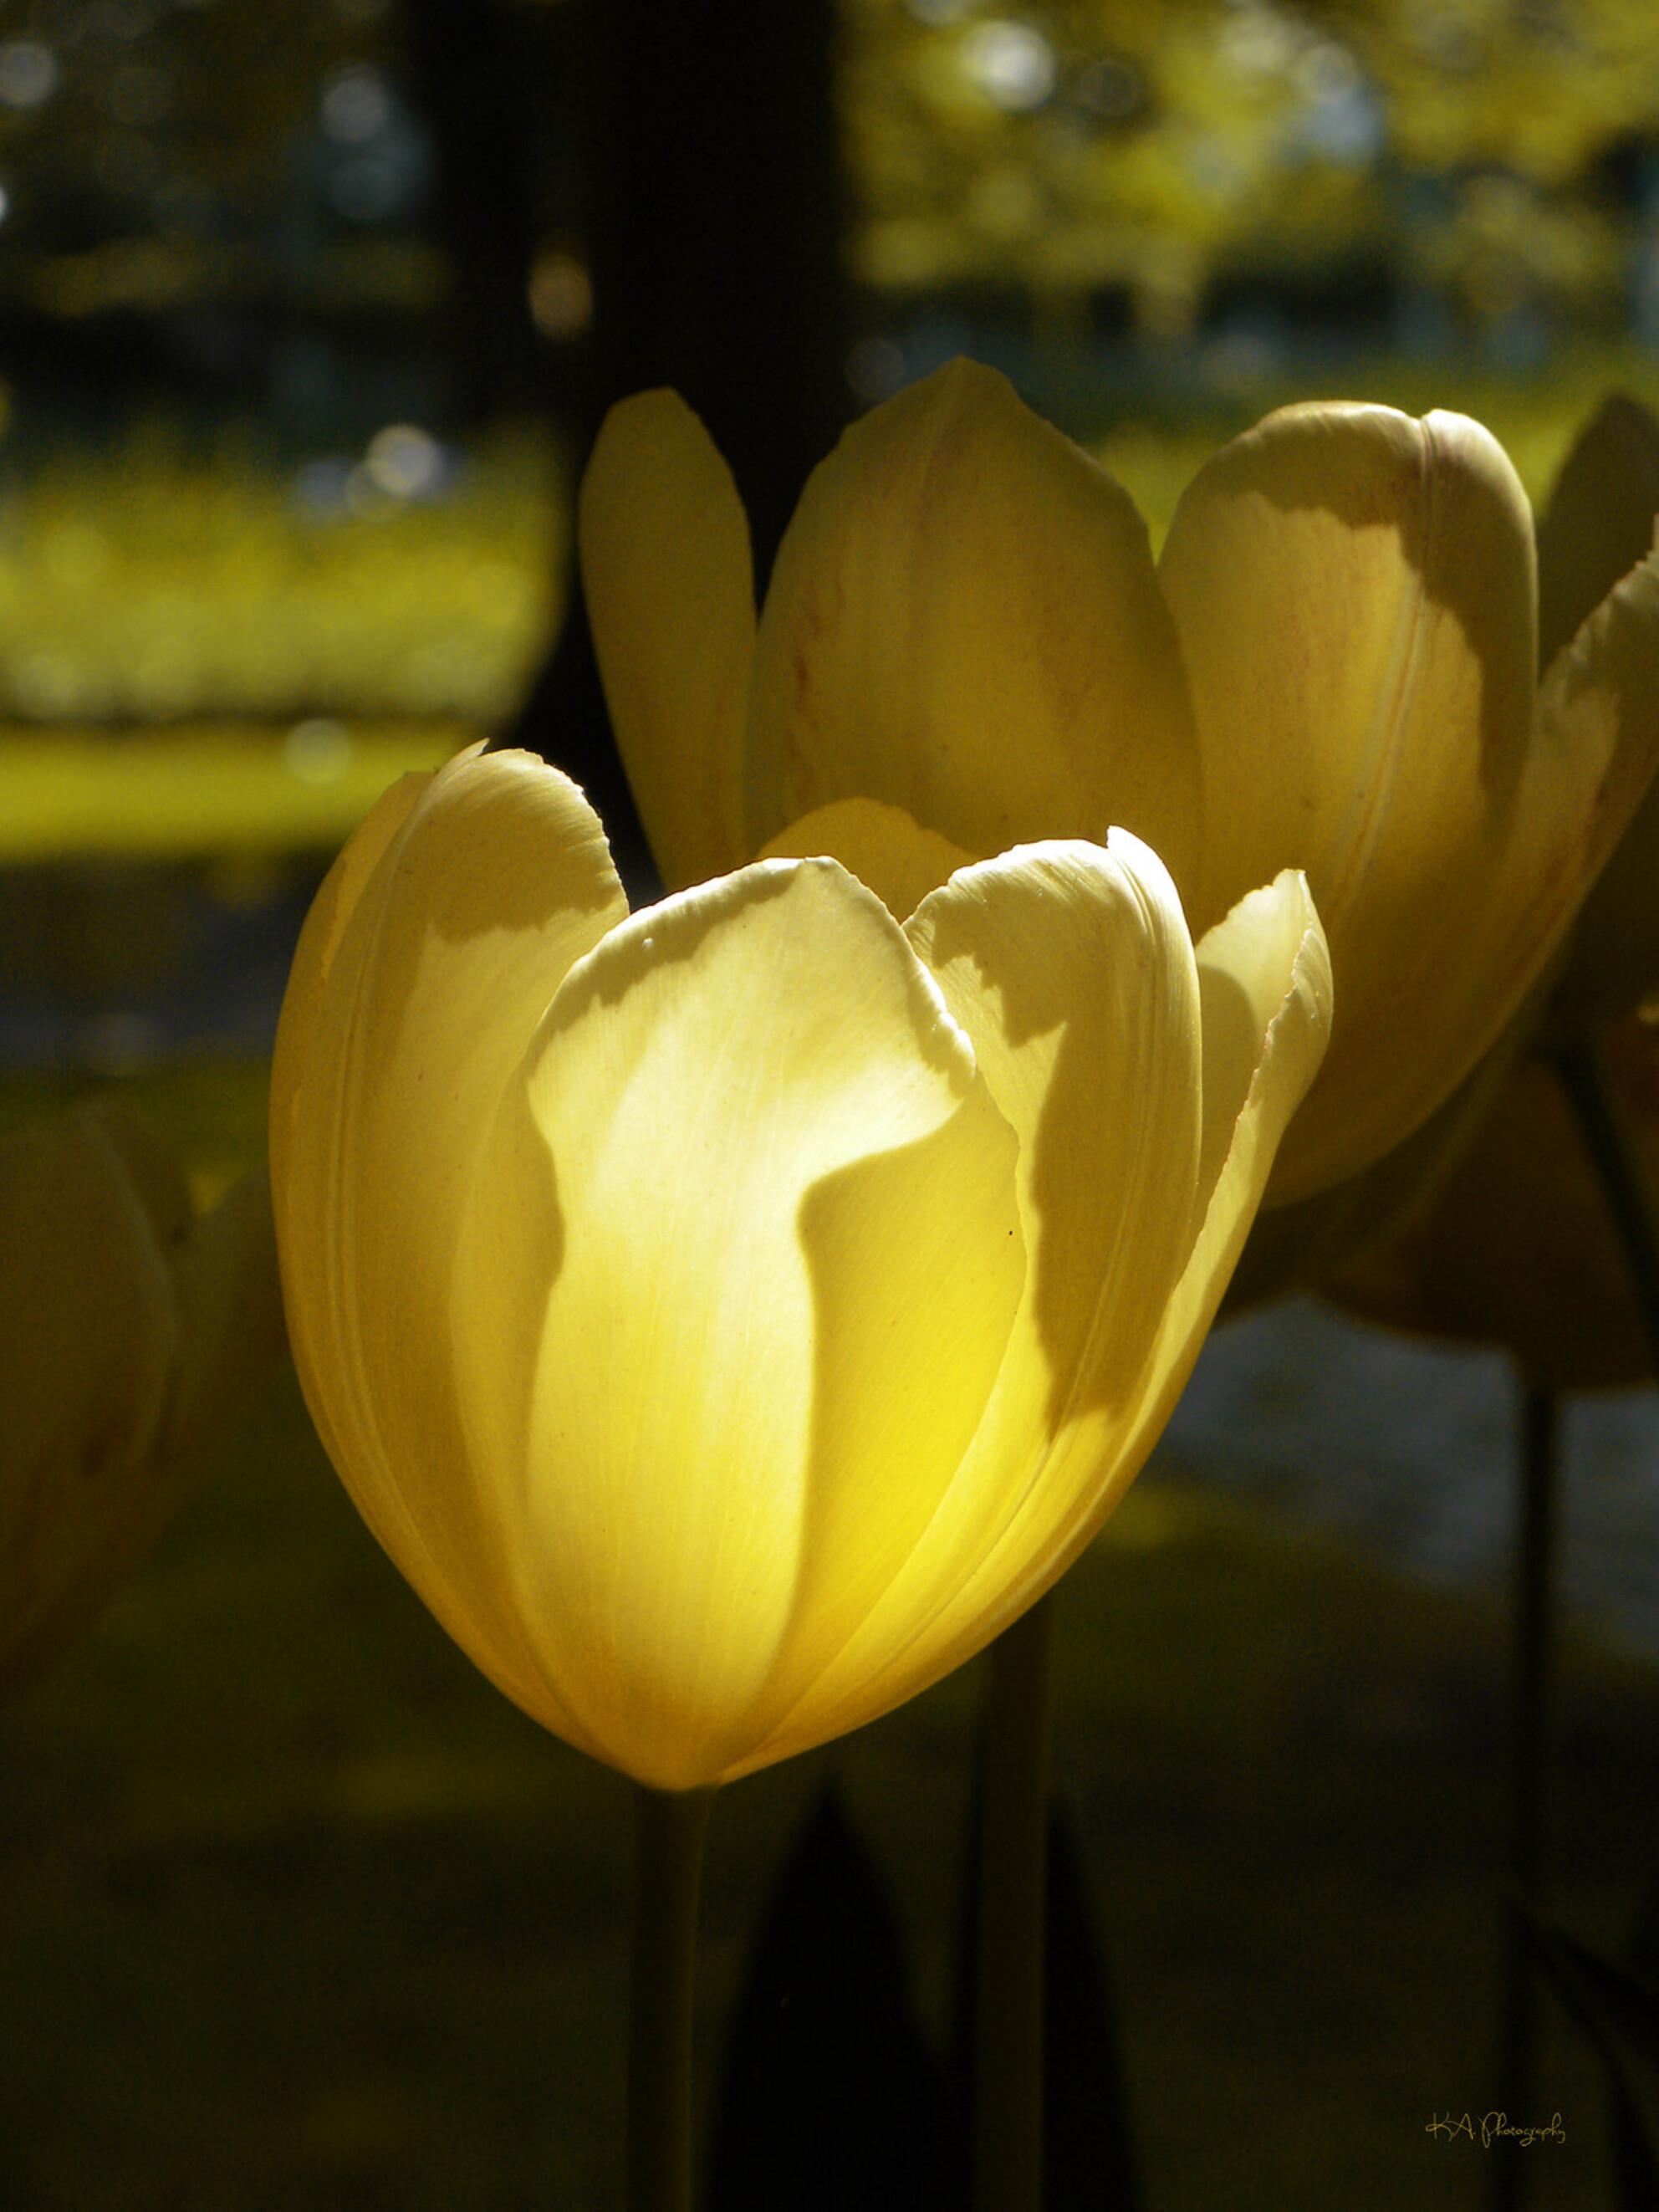 In the spotlight - Het is voor mij altijd een doel om wat dan ook ik probeer te fotograferen, veel licht contrast te vinden,  met deze tulp was het aardig gelukt  :) - foto door eagleheart op 22-07-2014 - deze foto bevat: bloem, lente, geel, licht, voorjaar - Deze foto mag gebruikt worden in een Zoom.nl publicatie